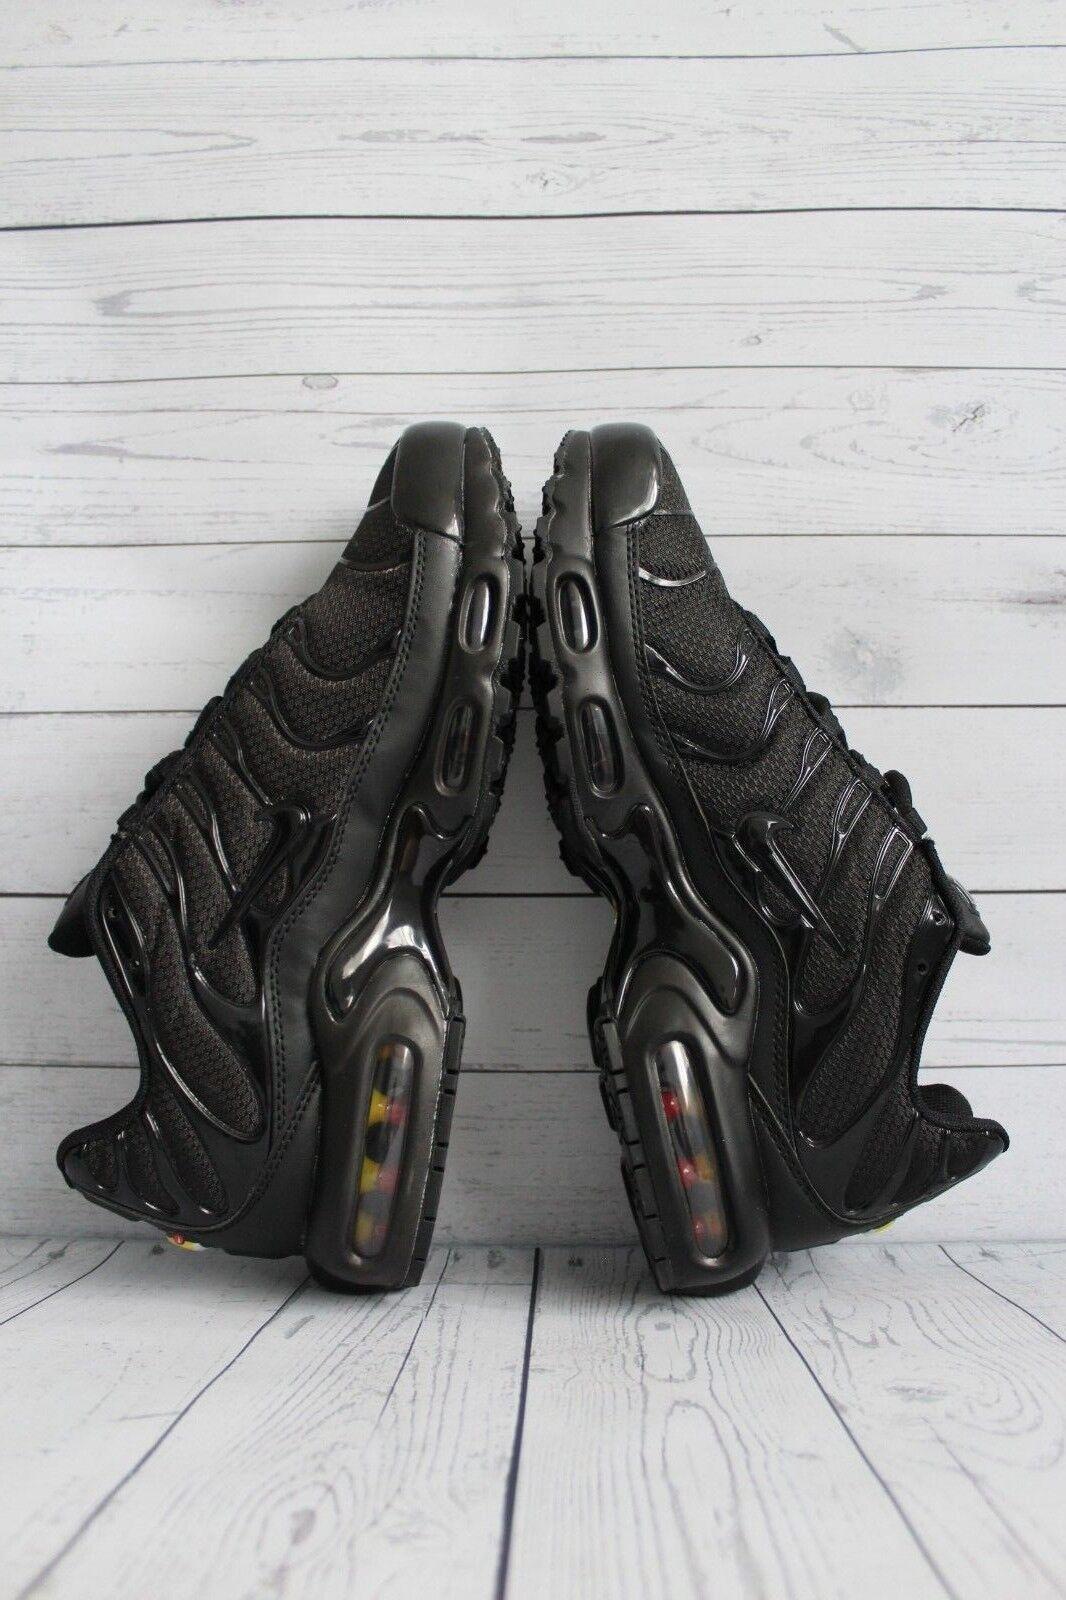 Nike air max e taglia 9 nero inscatolate nuovo affare  | Premio pazzesco, Birmingham  | Maschio/Ragazze Scarpa